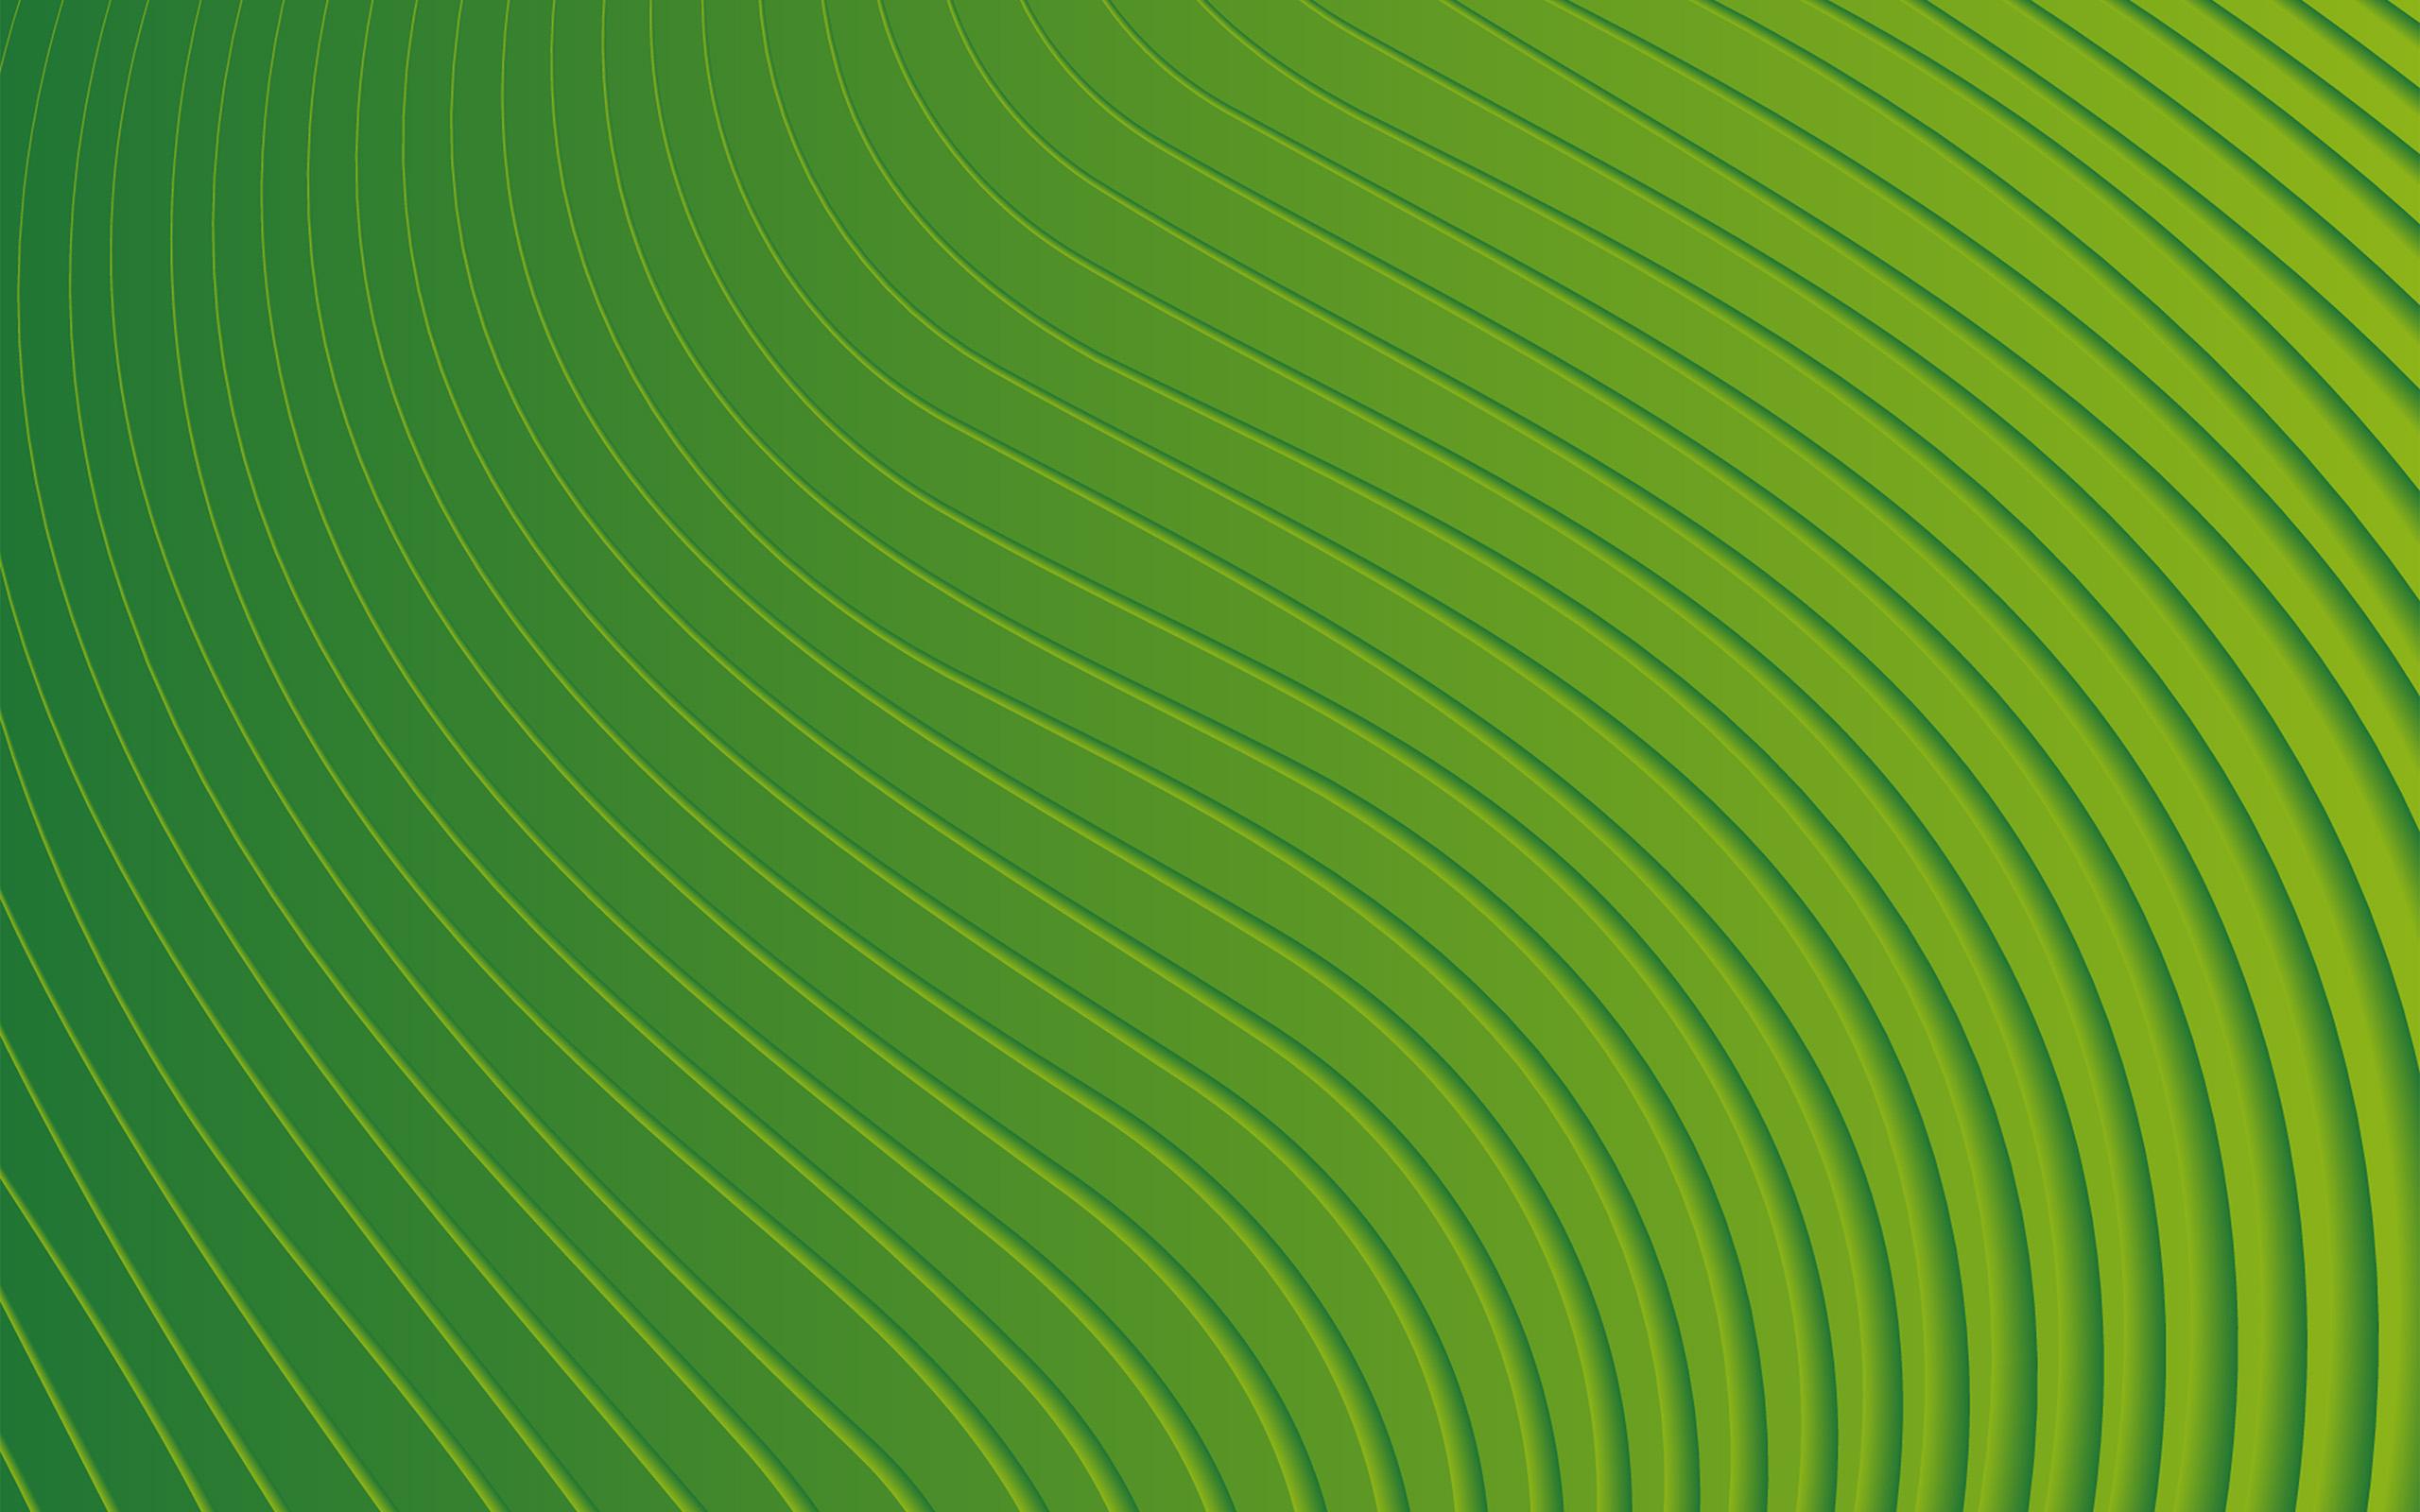 Cute Pattern Background Wallpaper Vp10 Curve Green Pattern Wallpaper